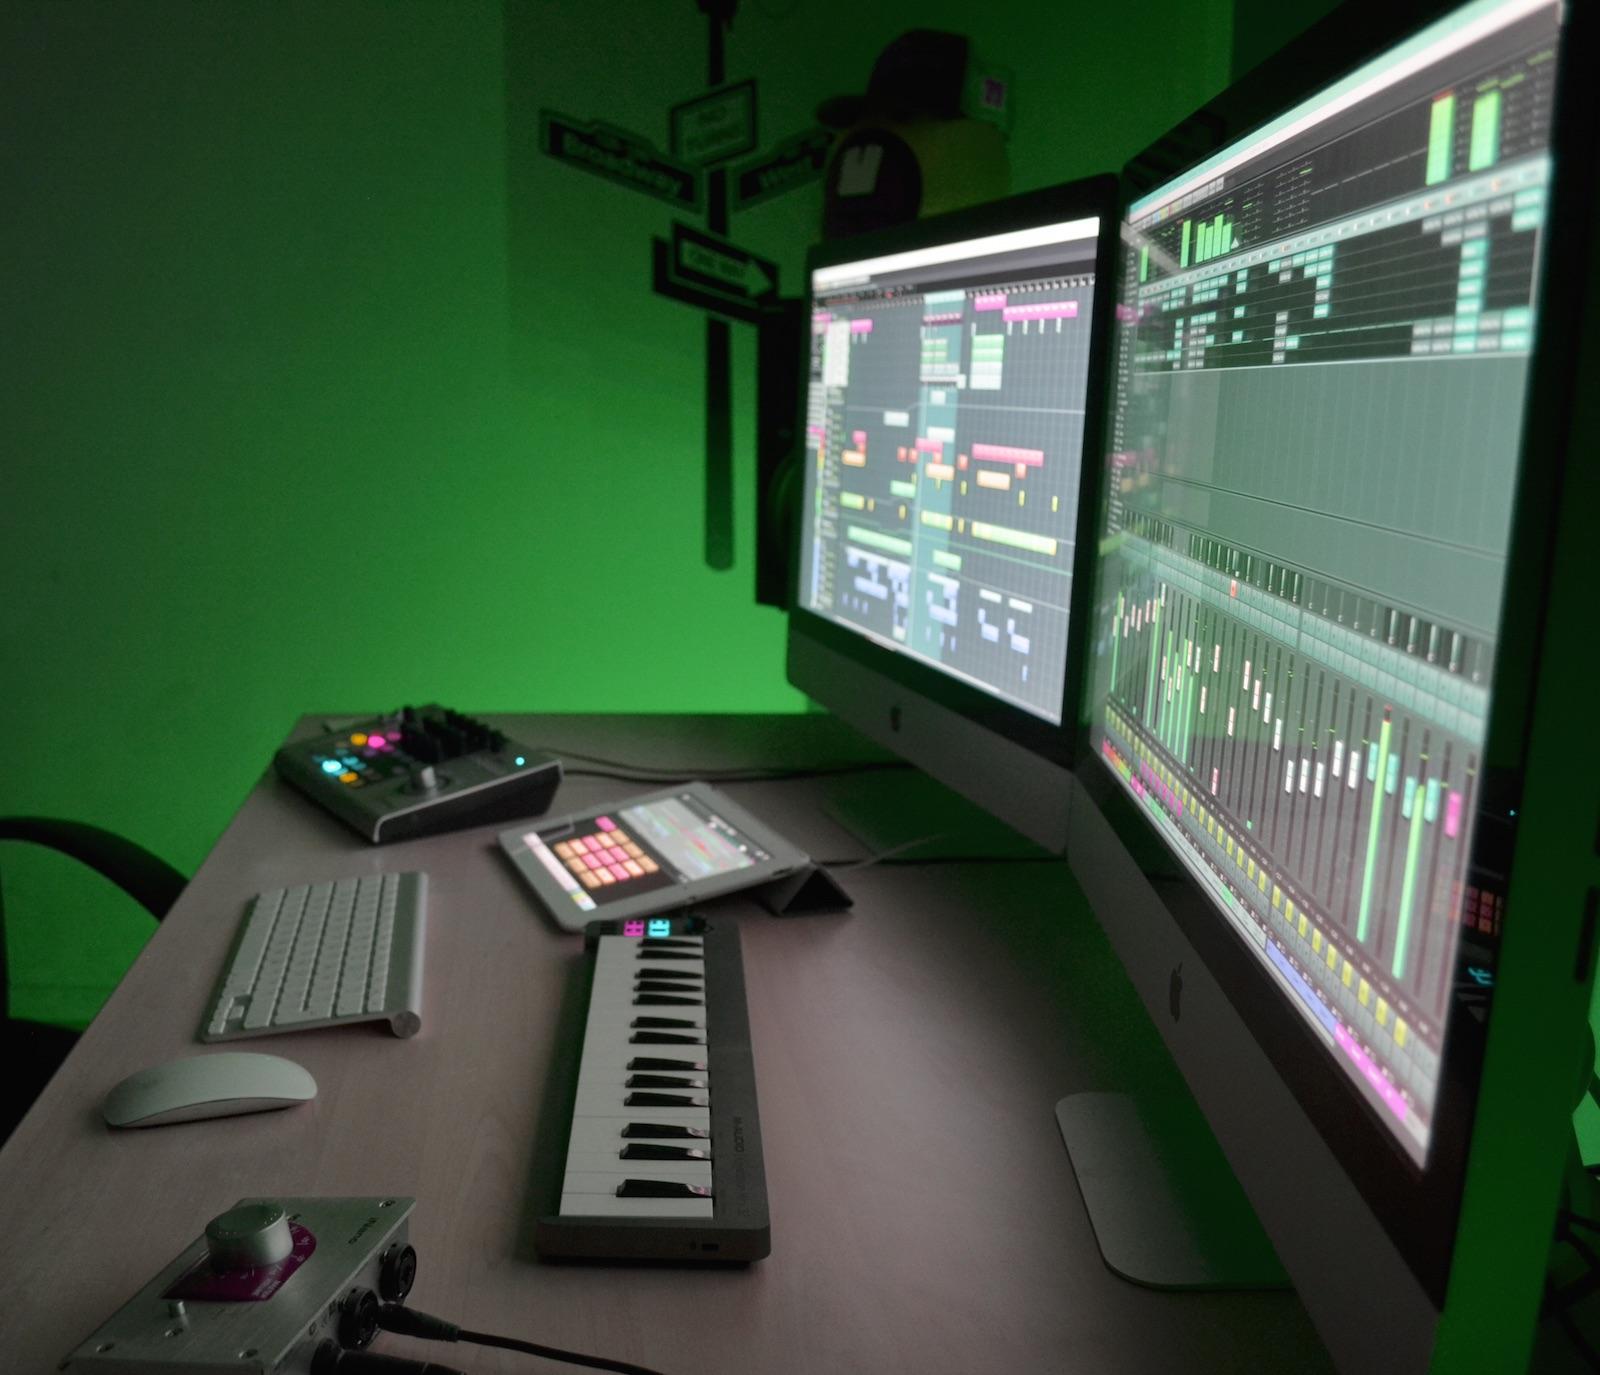 Fl studio keyboard cover